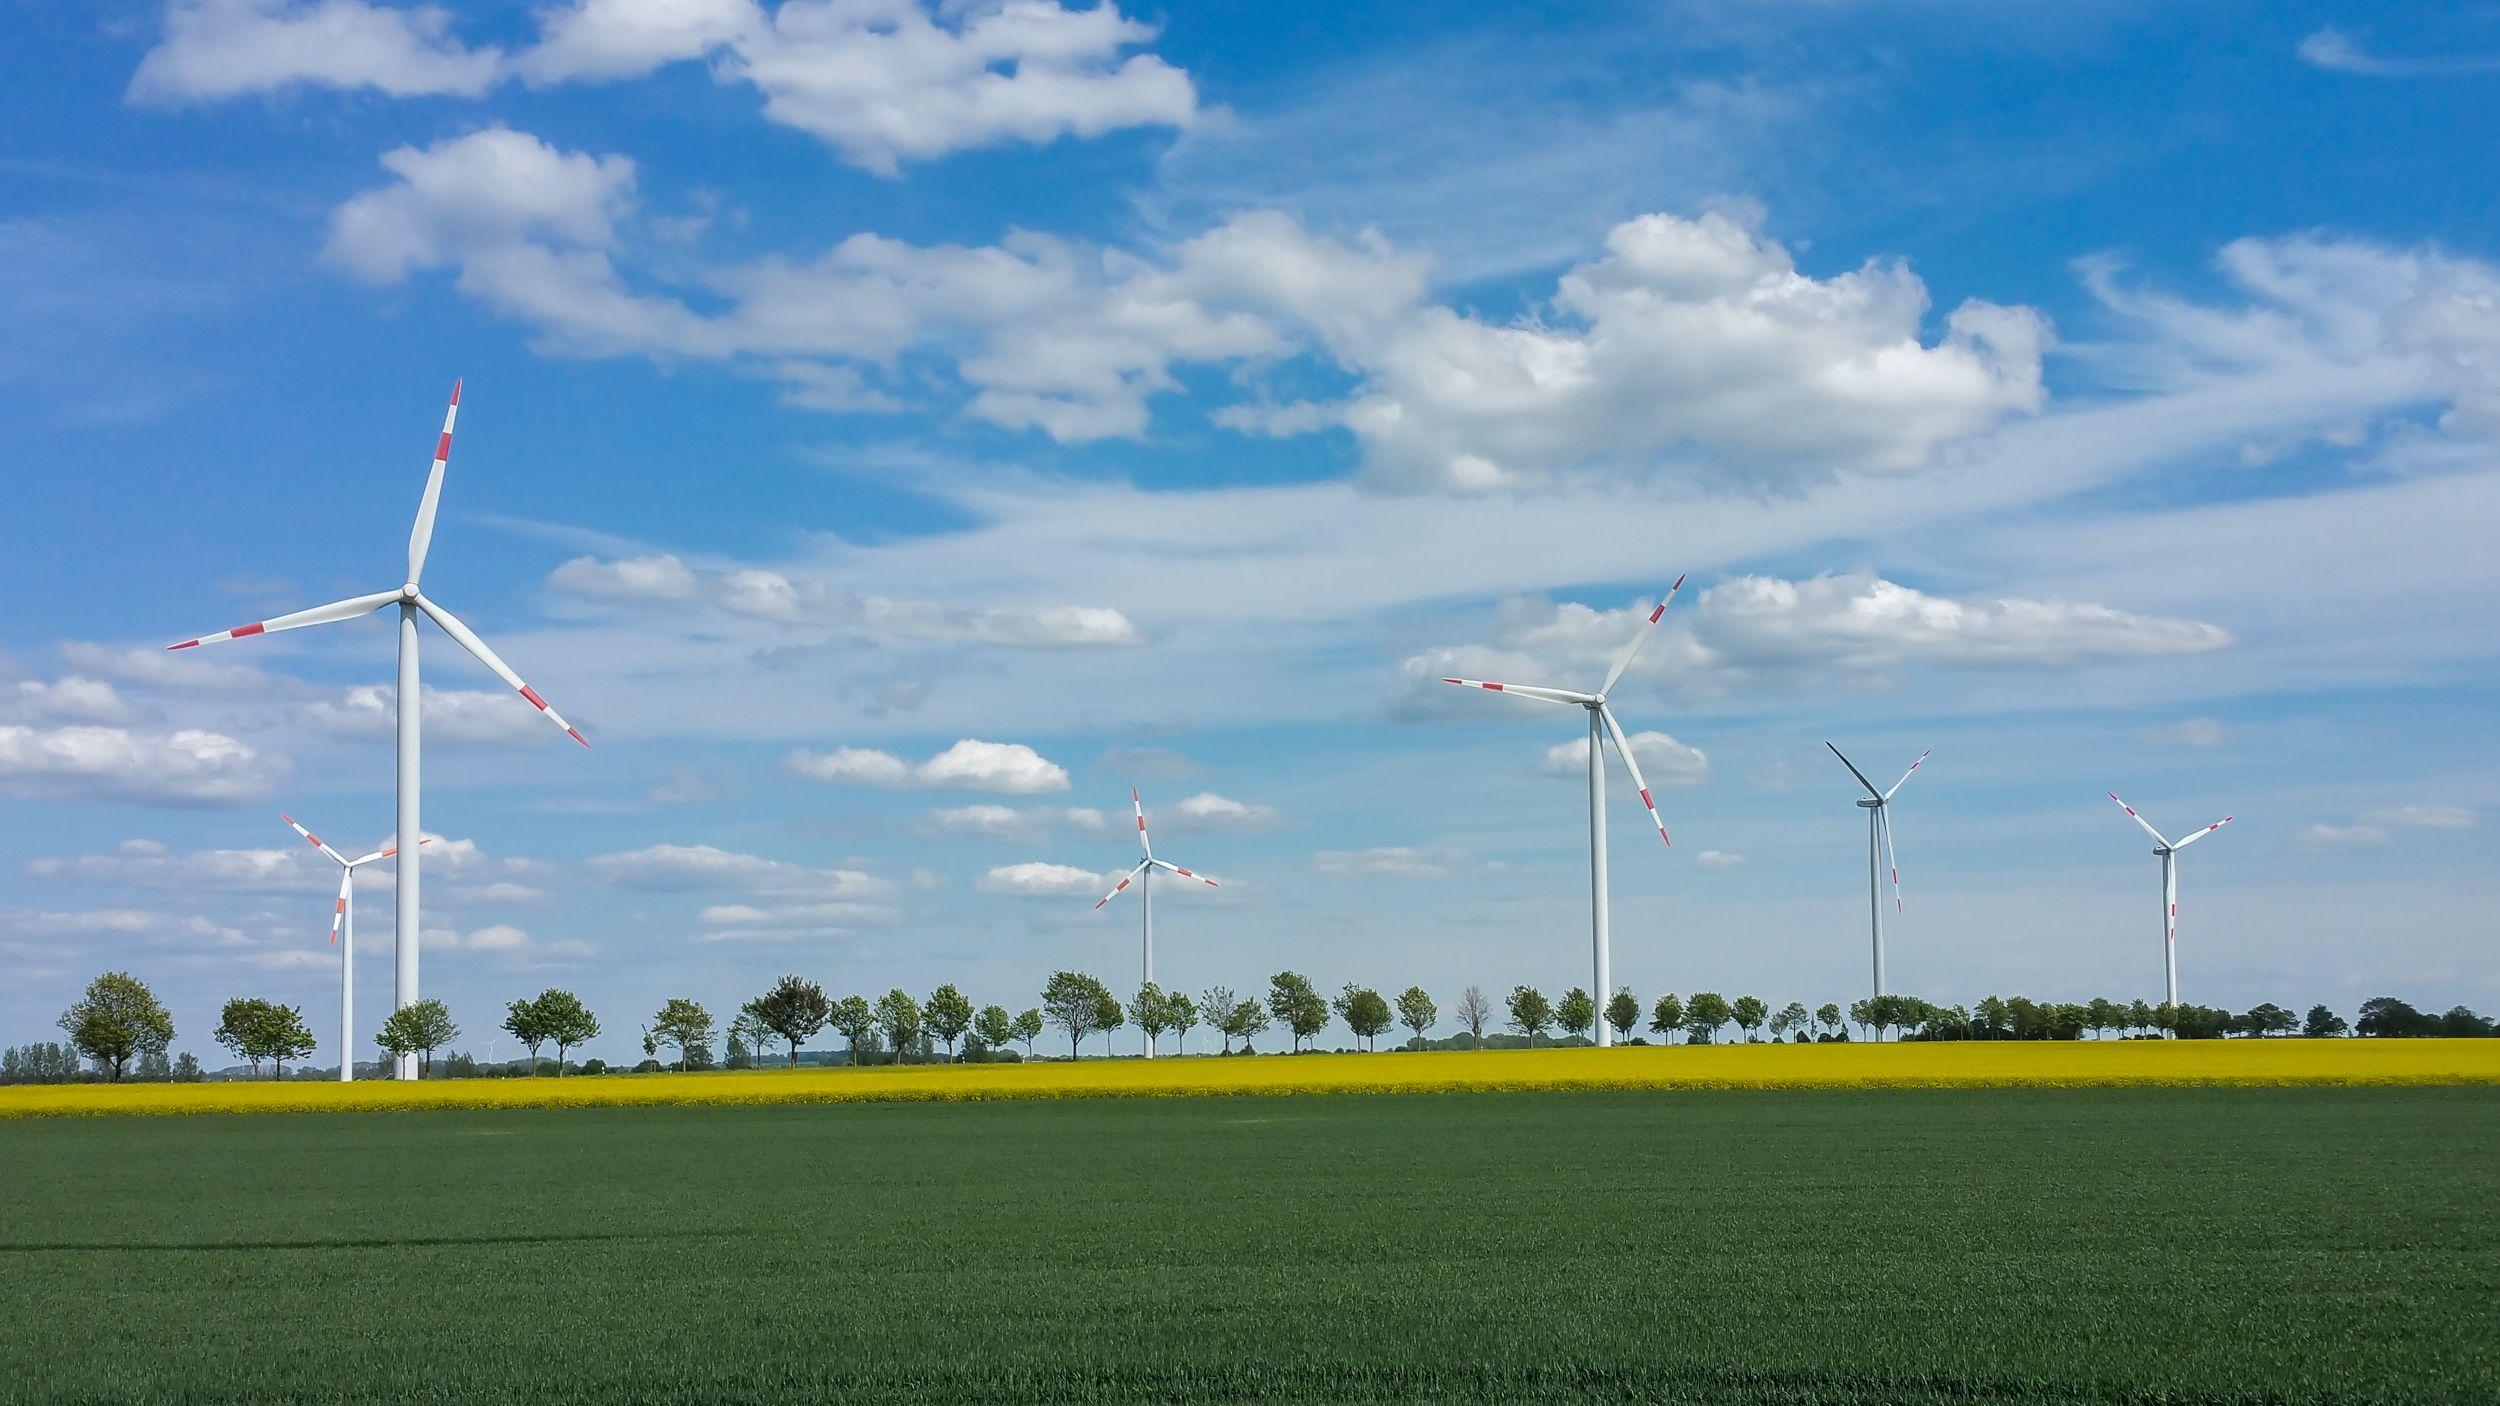 Ein Prokon-Windpark: Die Energiegenossenschaft und ihre Freunde suchen nach Wegen, um die Bürgerenergie-Bewegung zu unterstützen. Durch das Erneuerbare-Energien-Gesetz 2017 sehen Anleger und Genossen die dezentrale Energiewende in Deutschland gefährdet. Und auch in anderen europäischen Ländern gibt es neue Hürden für Windkraft-Projekte. / Foto: Unternehmen